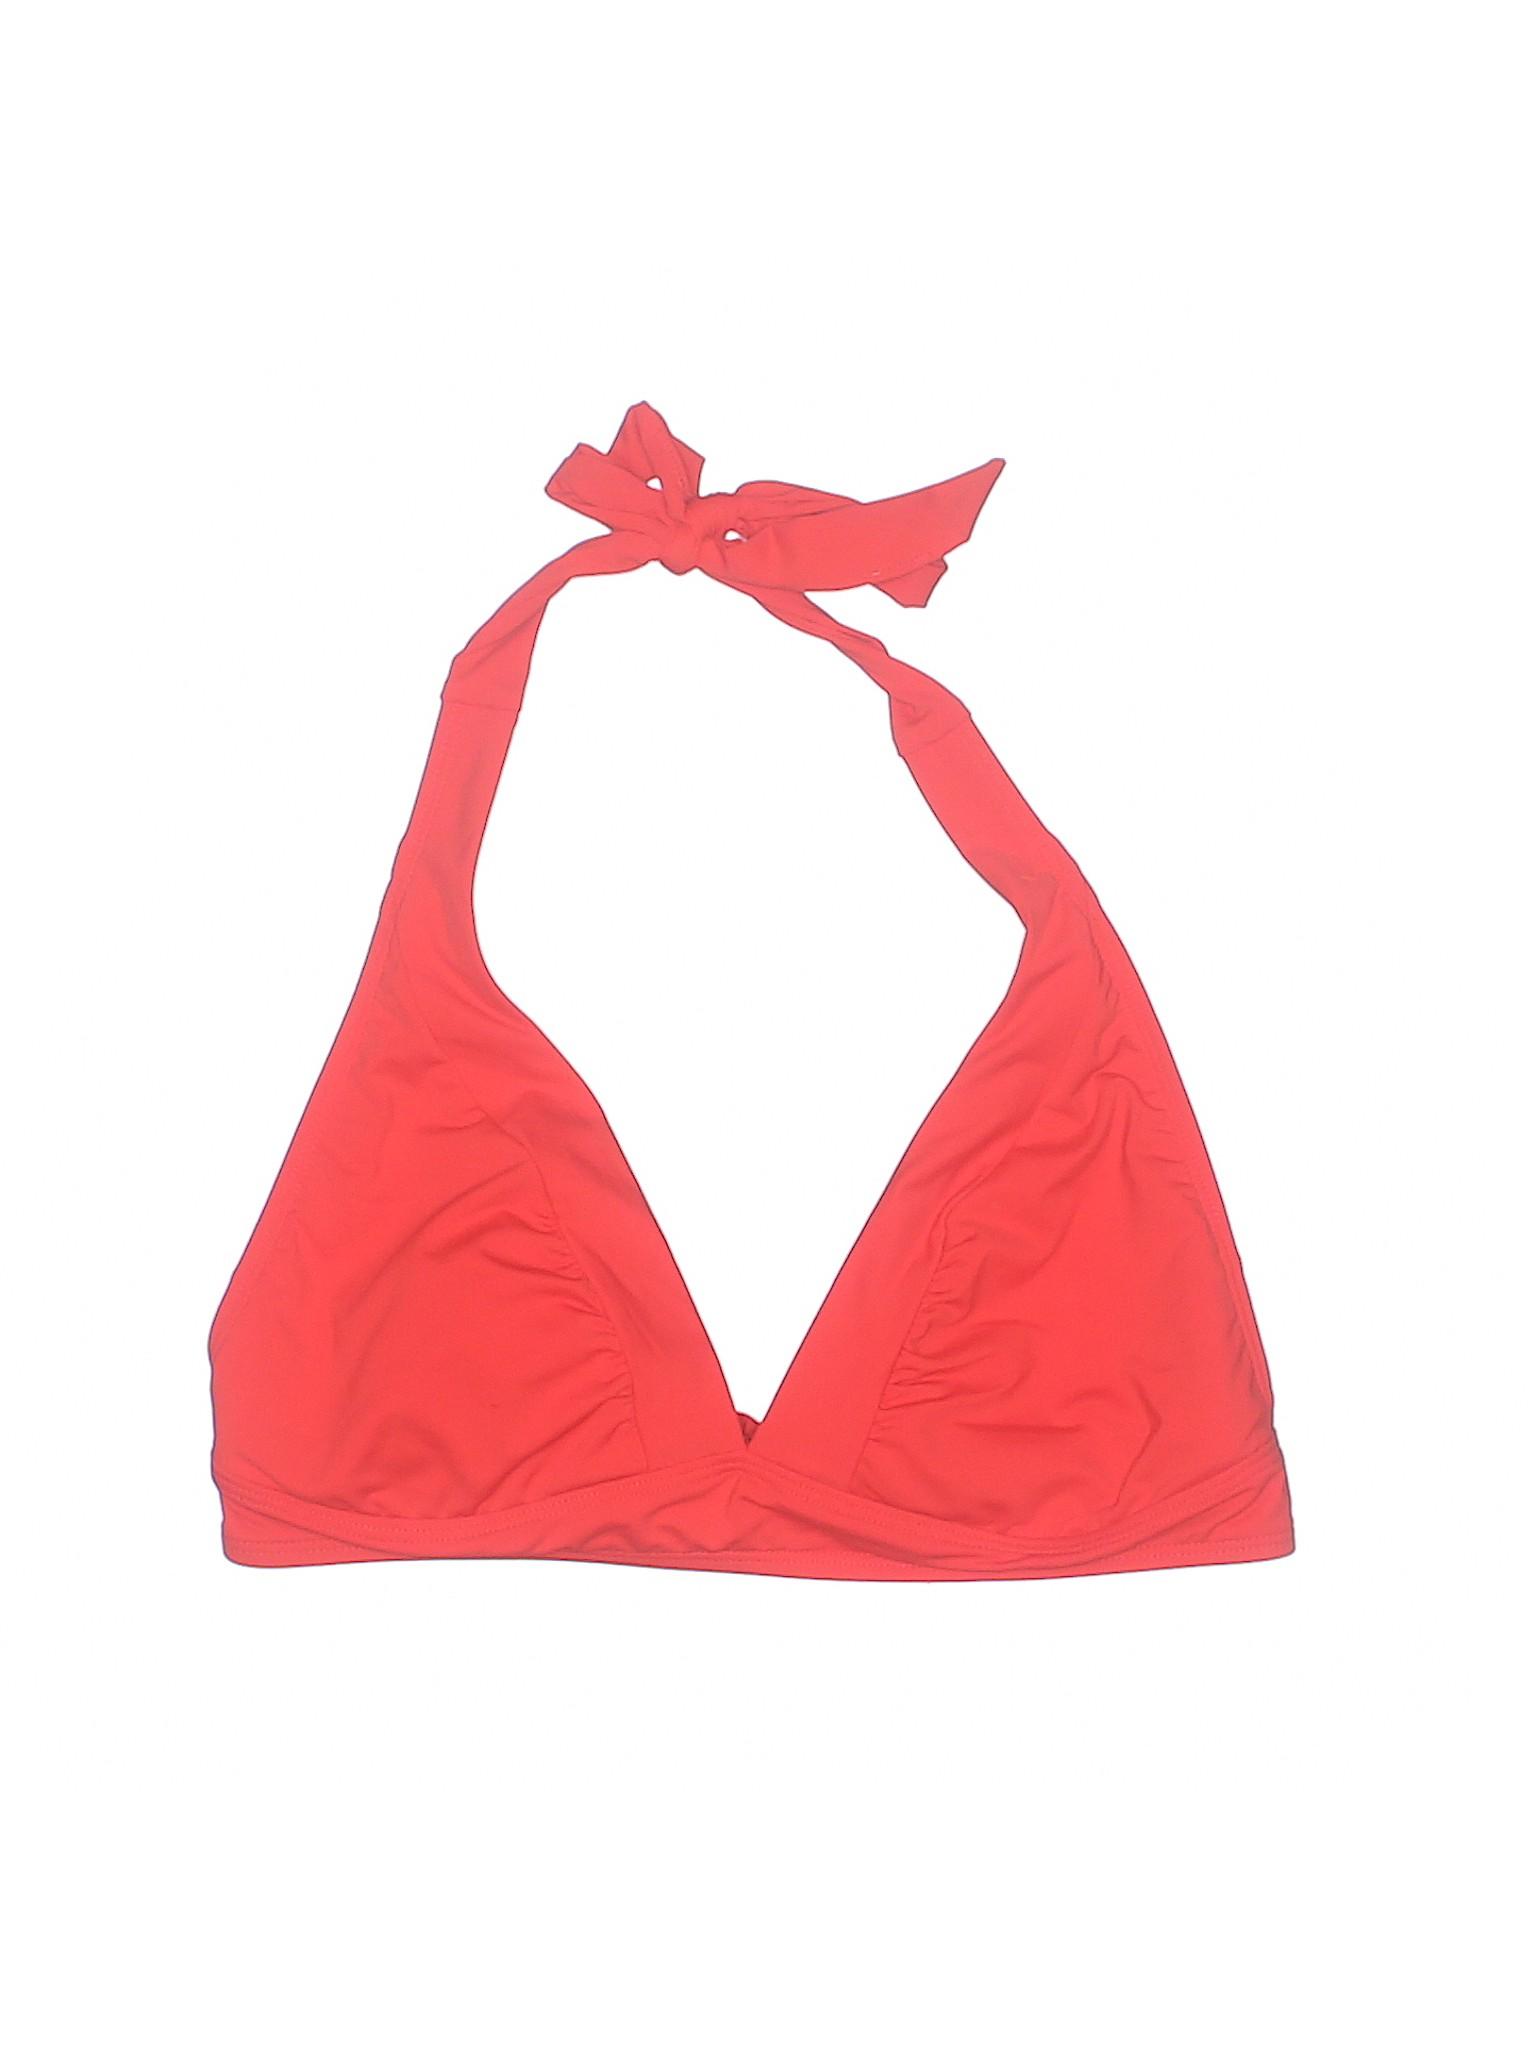 Boutique Top Top Boutique Boutique Swimsuit Swimsuit Athleta Athleta Bfx8OF